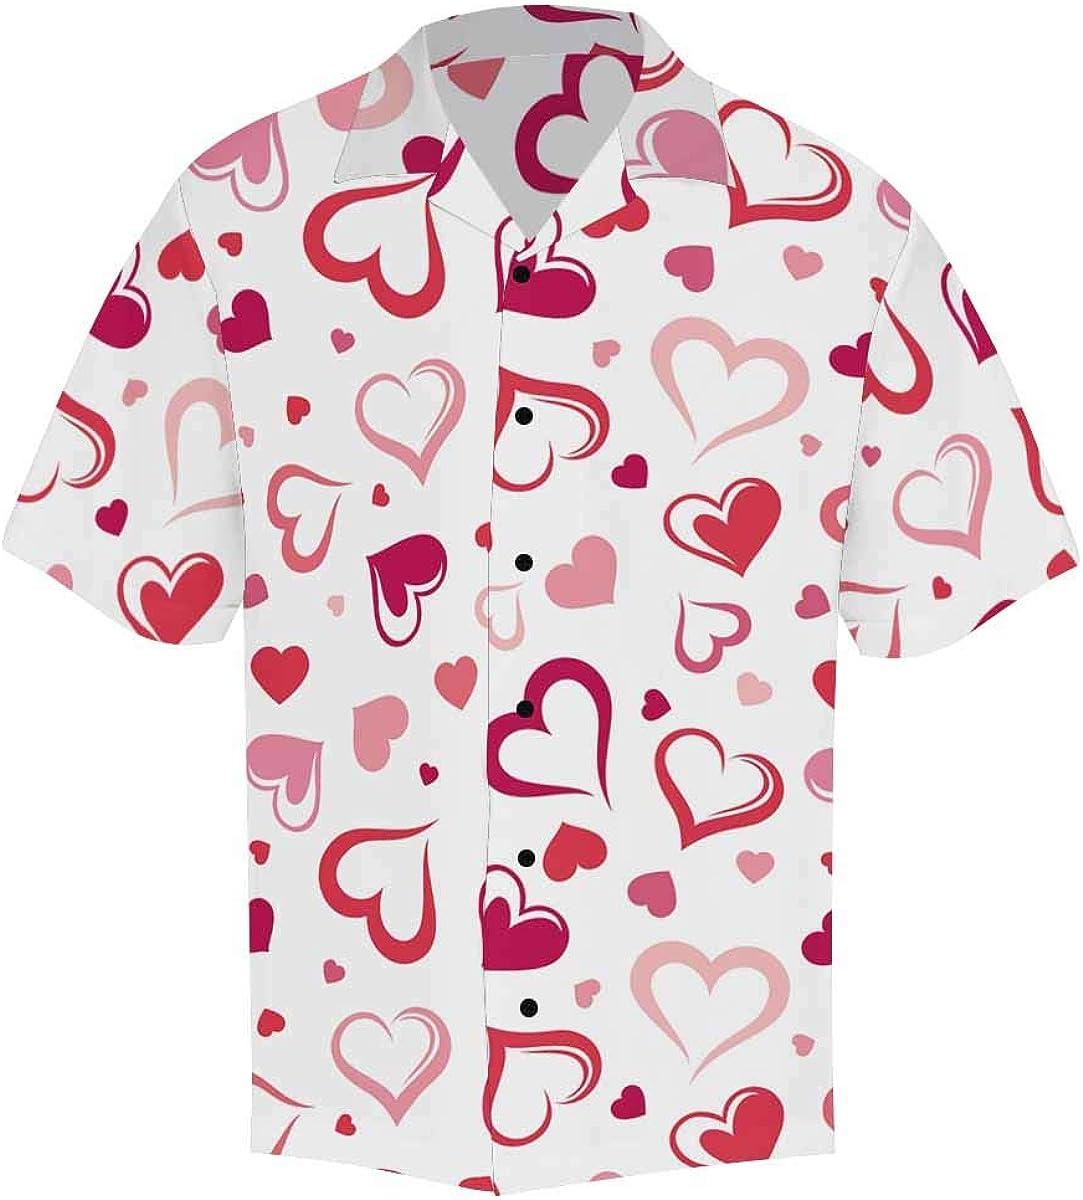 InterestPrint Men's Casual Button Down Short Sleeve Pink Red Heart Hawaiian Shirt (S-5XL)